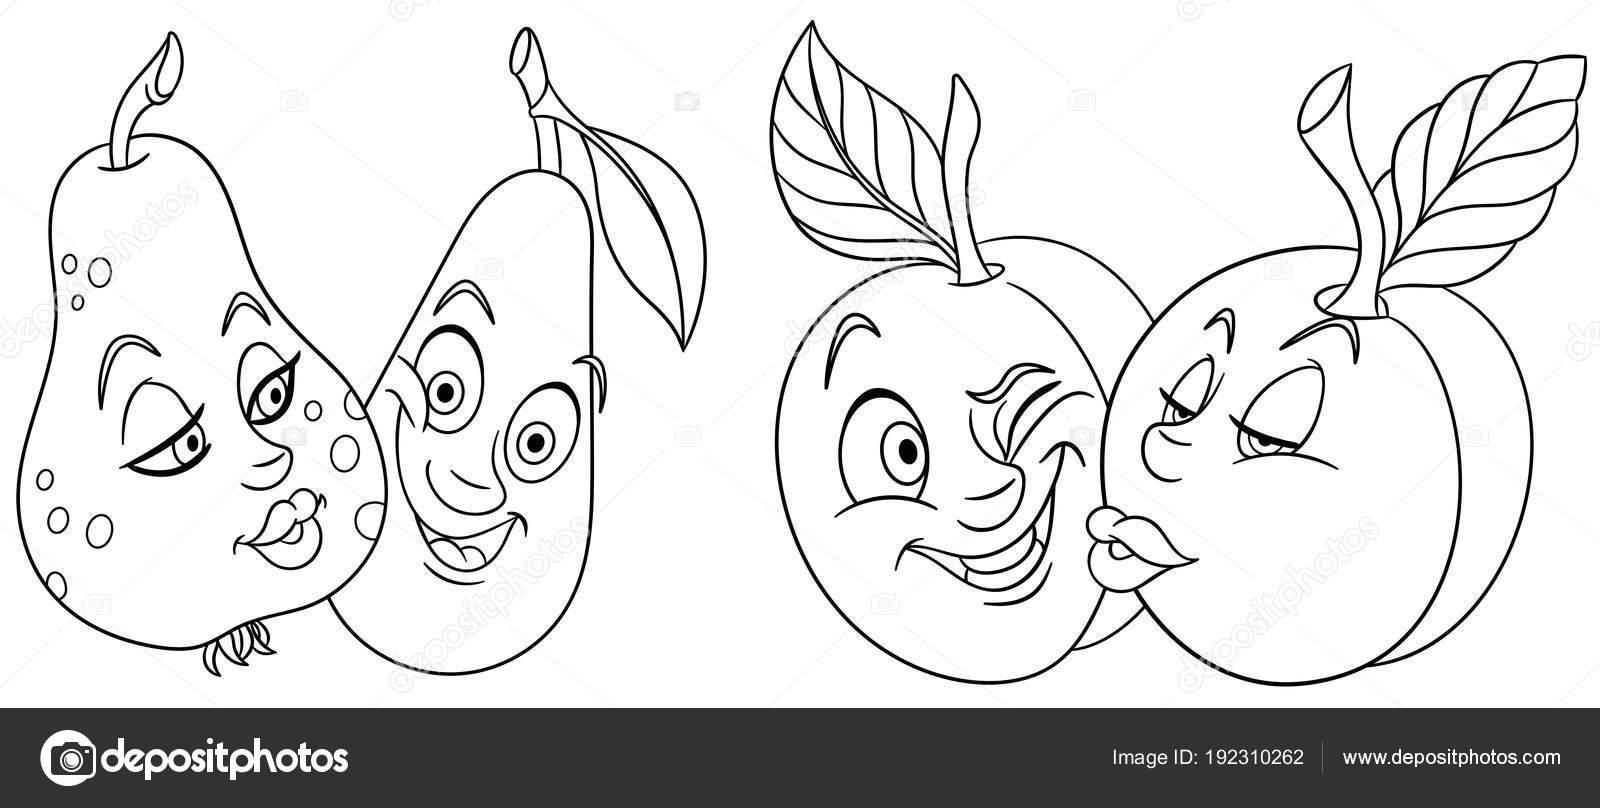 Imagenes Emoticones Felices Para Colorear Dibujos Para Colorear